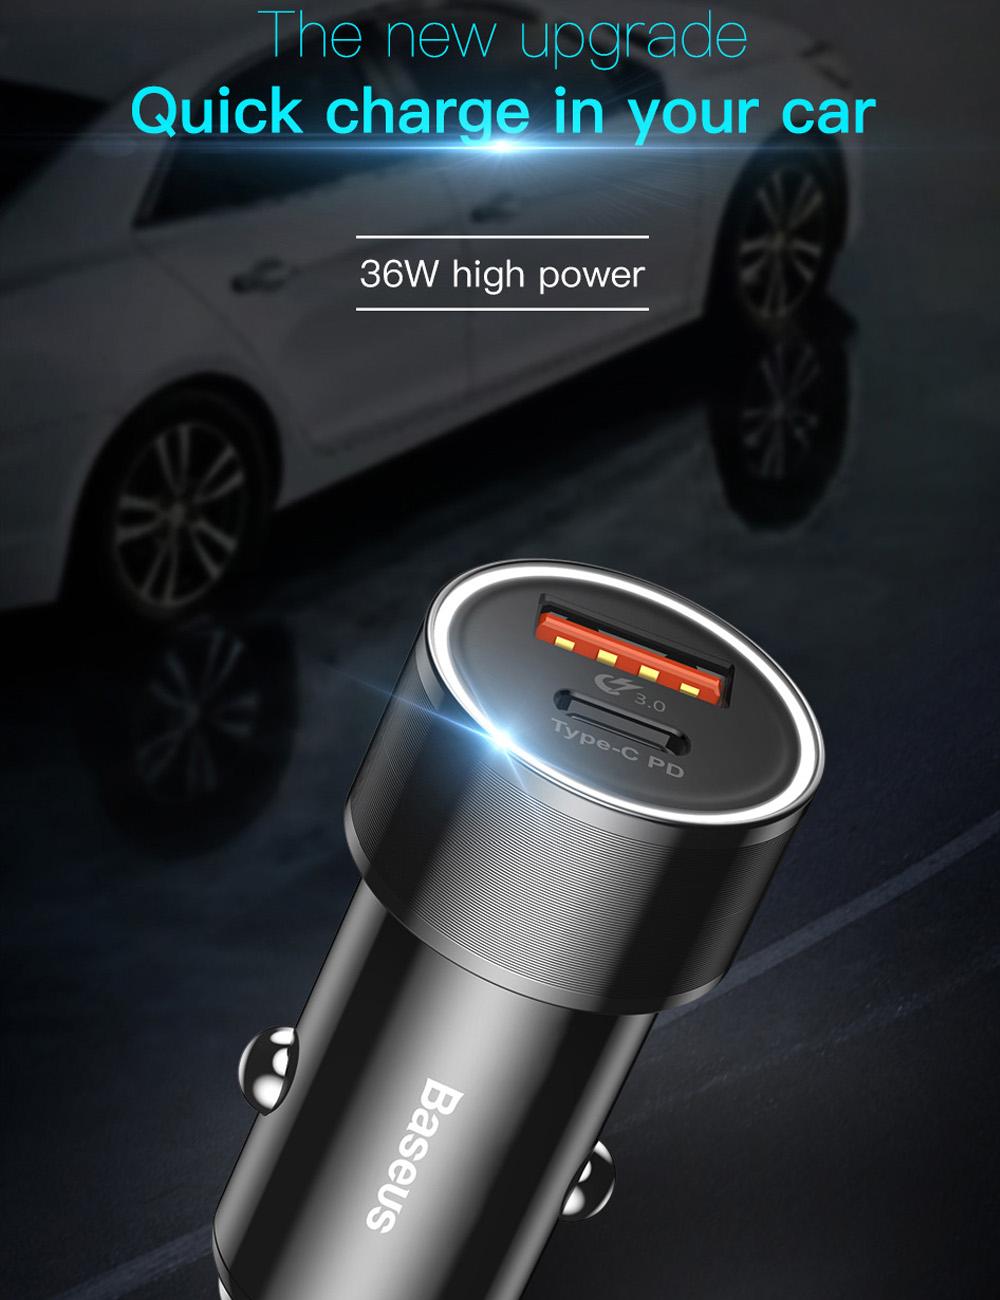 Bộ tẩu củ sạc nhanh 2 cổng USB và Type-C cho điện thoại / Macbook Pro dùng cho xe hơi hiệu Baseus Small Crew Type C PD Fast Charge 36W & USB Quick charge 3.0 - Hàng chính hãng